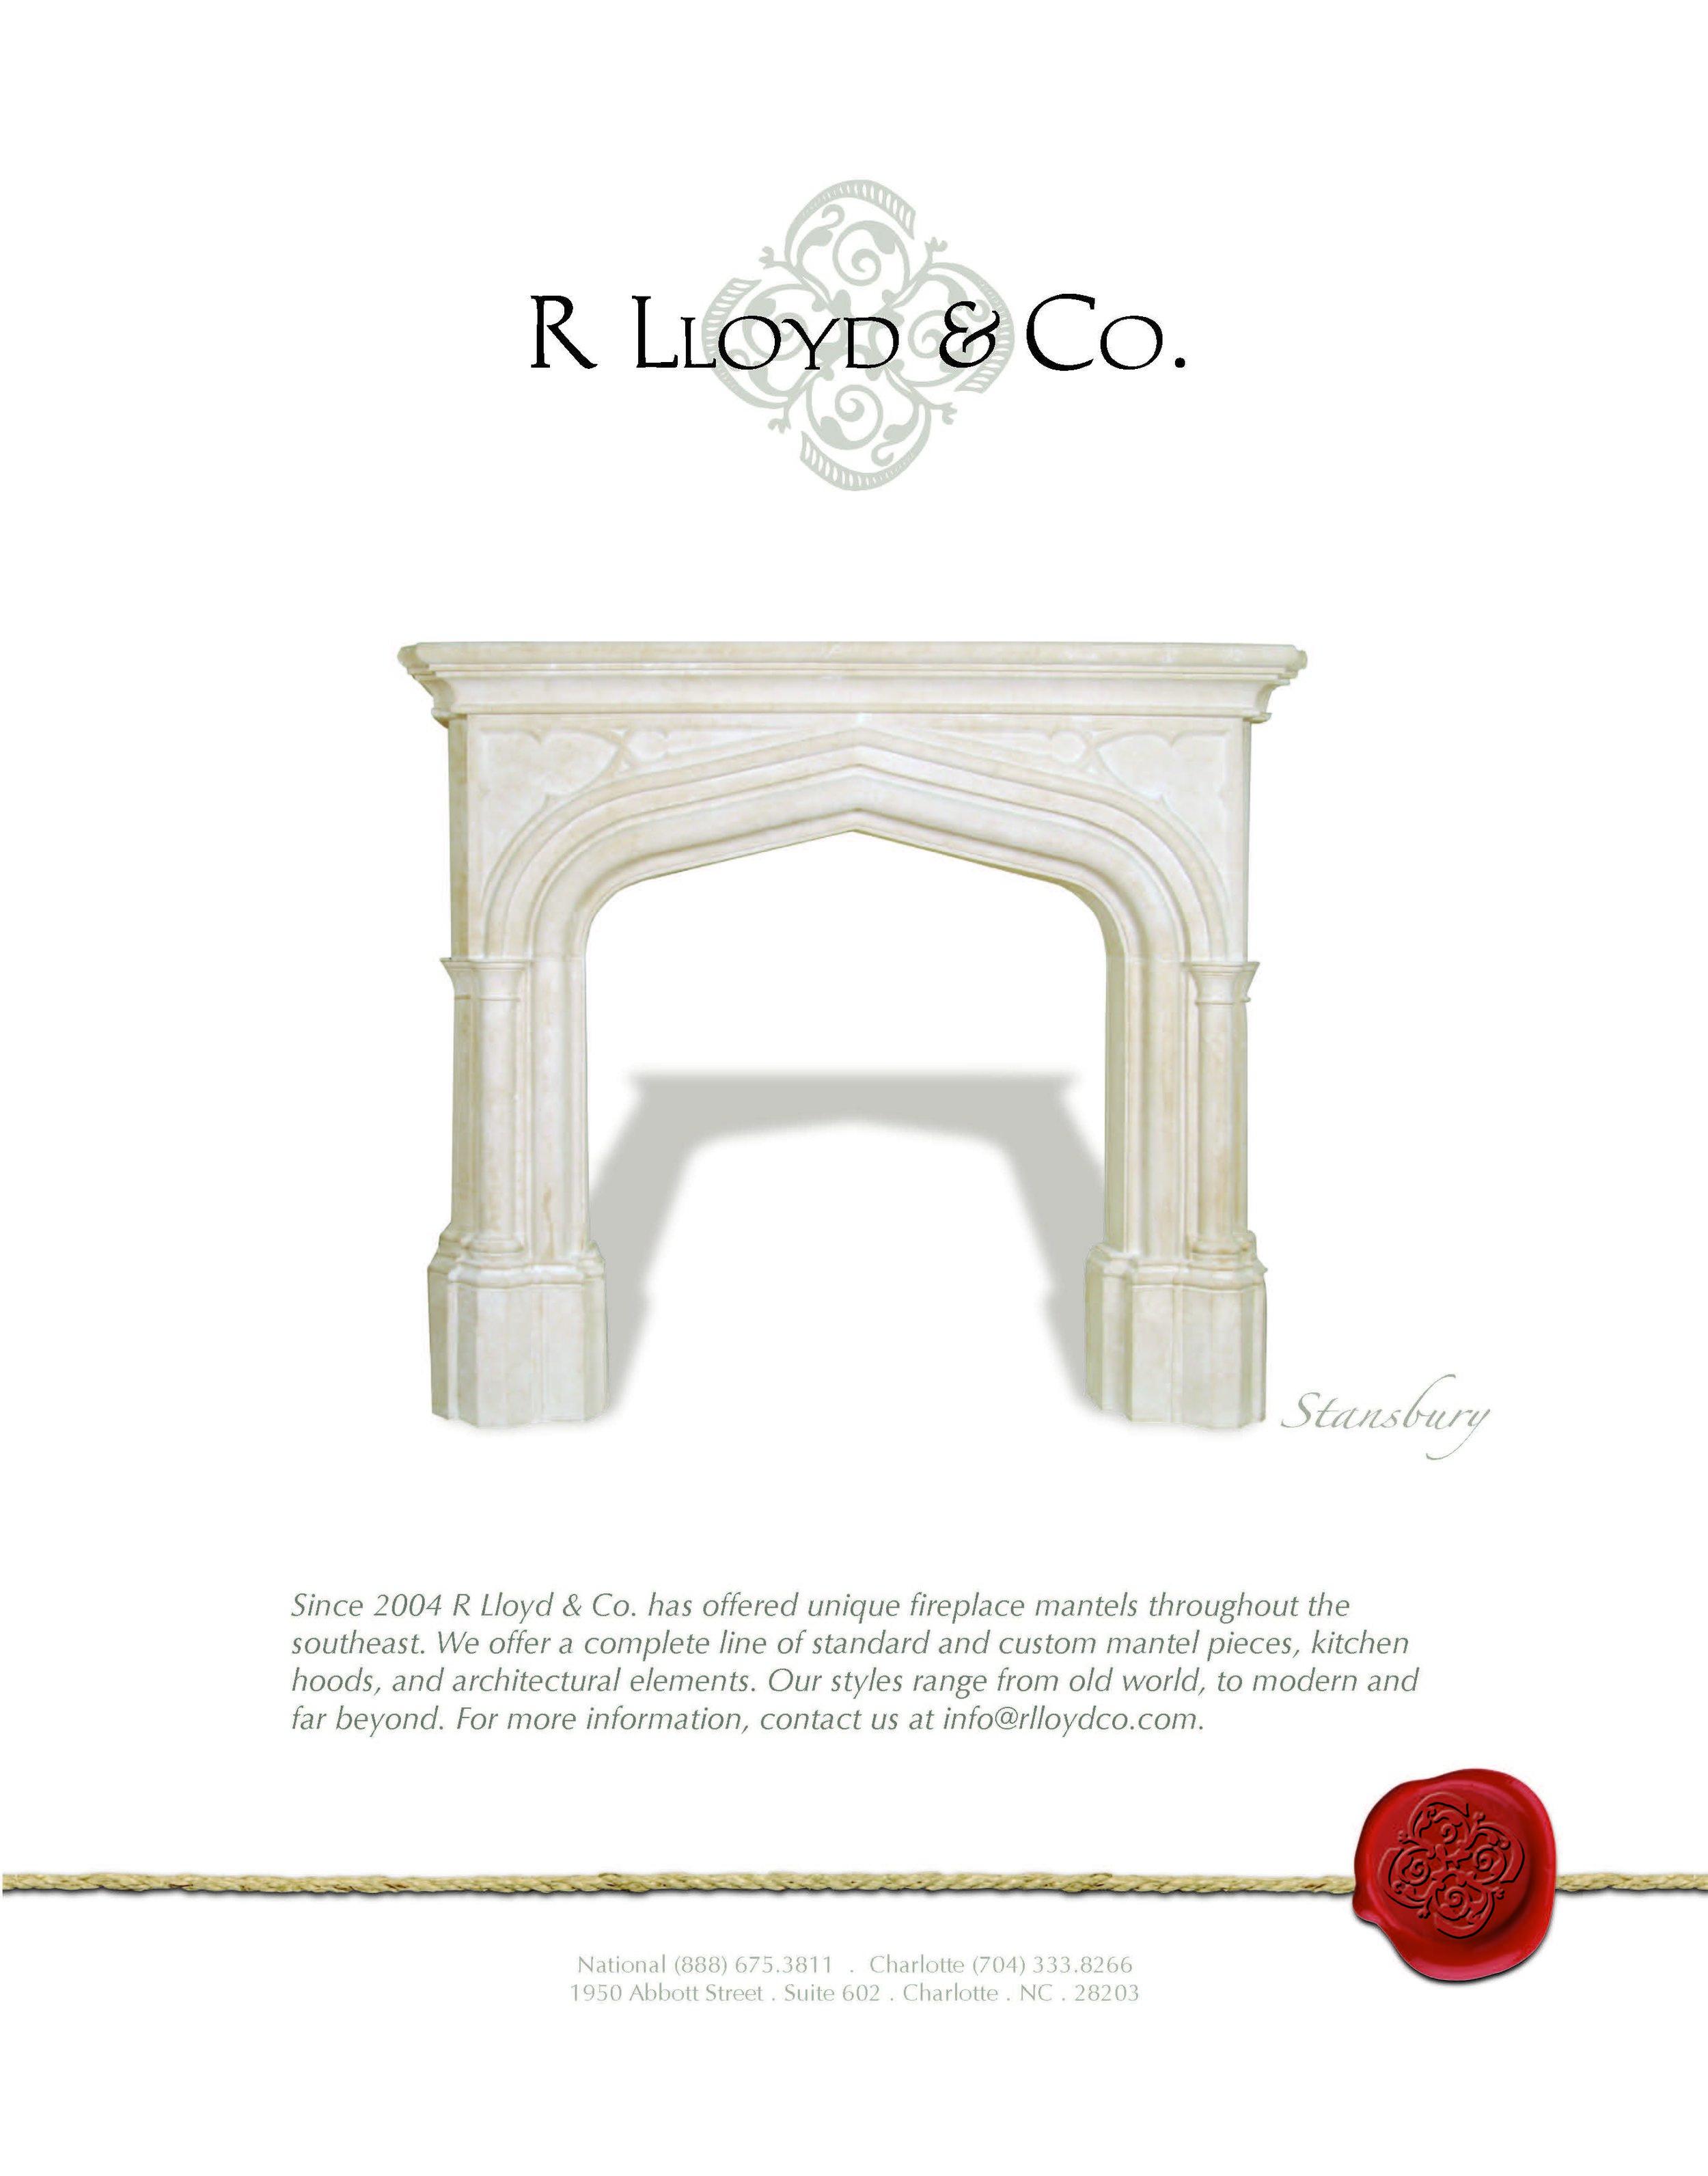 R Lloyd & Co Ad May 2008.jpg